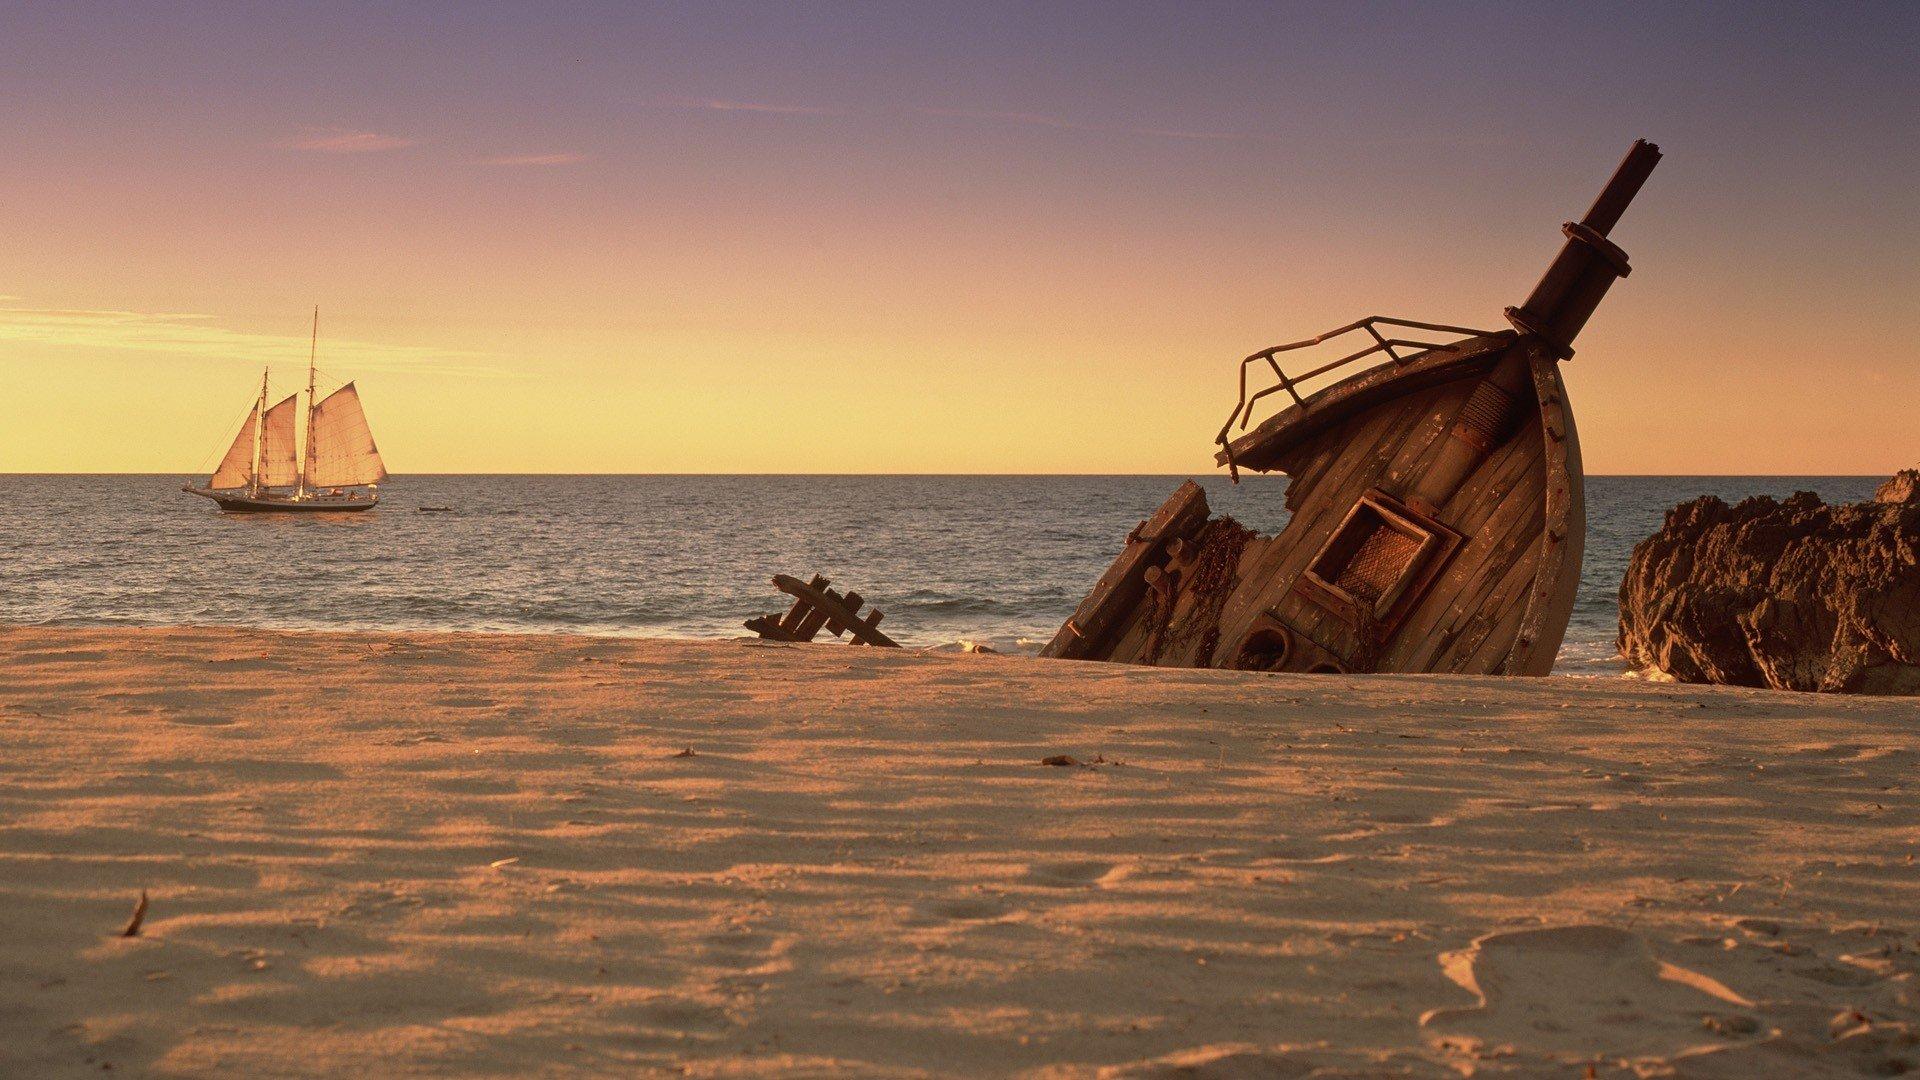 Point Reyes корабль на берегу без смс